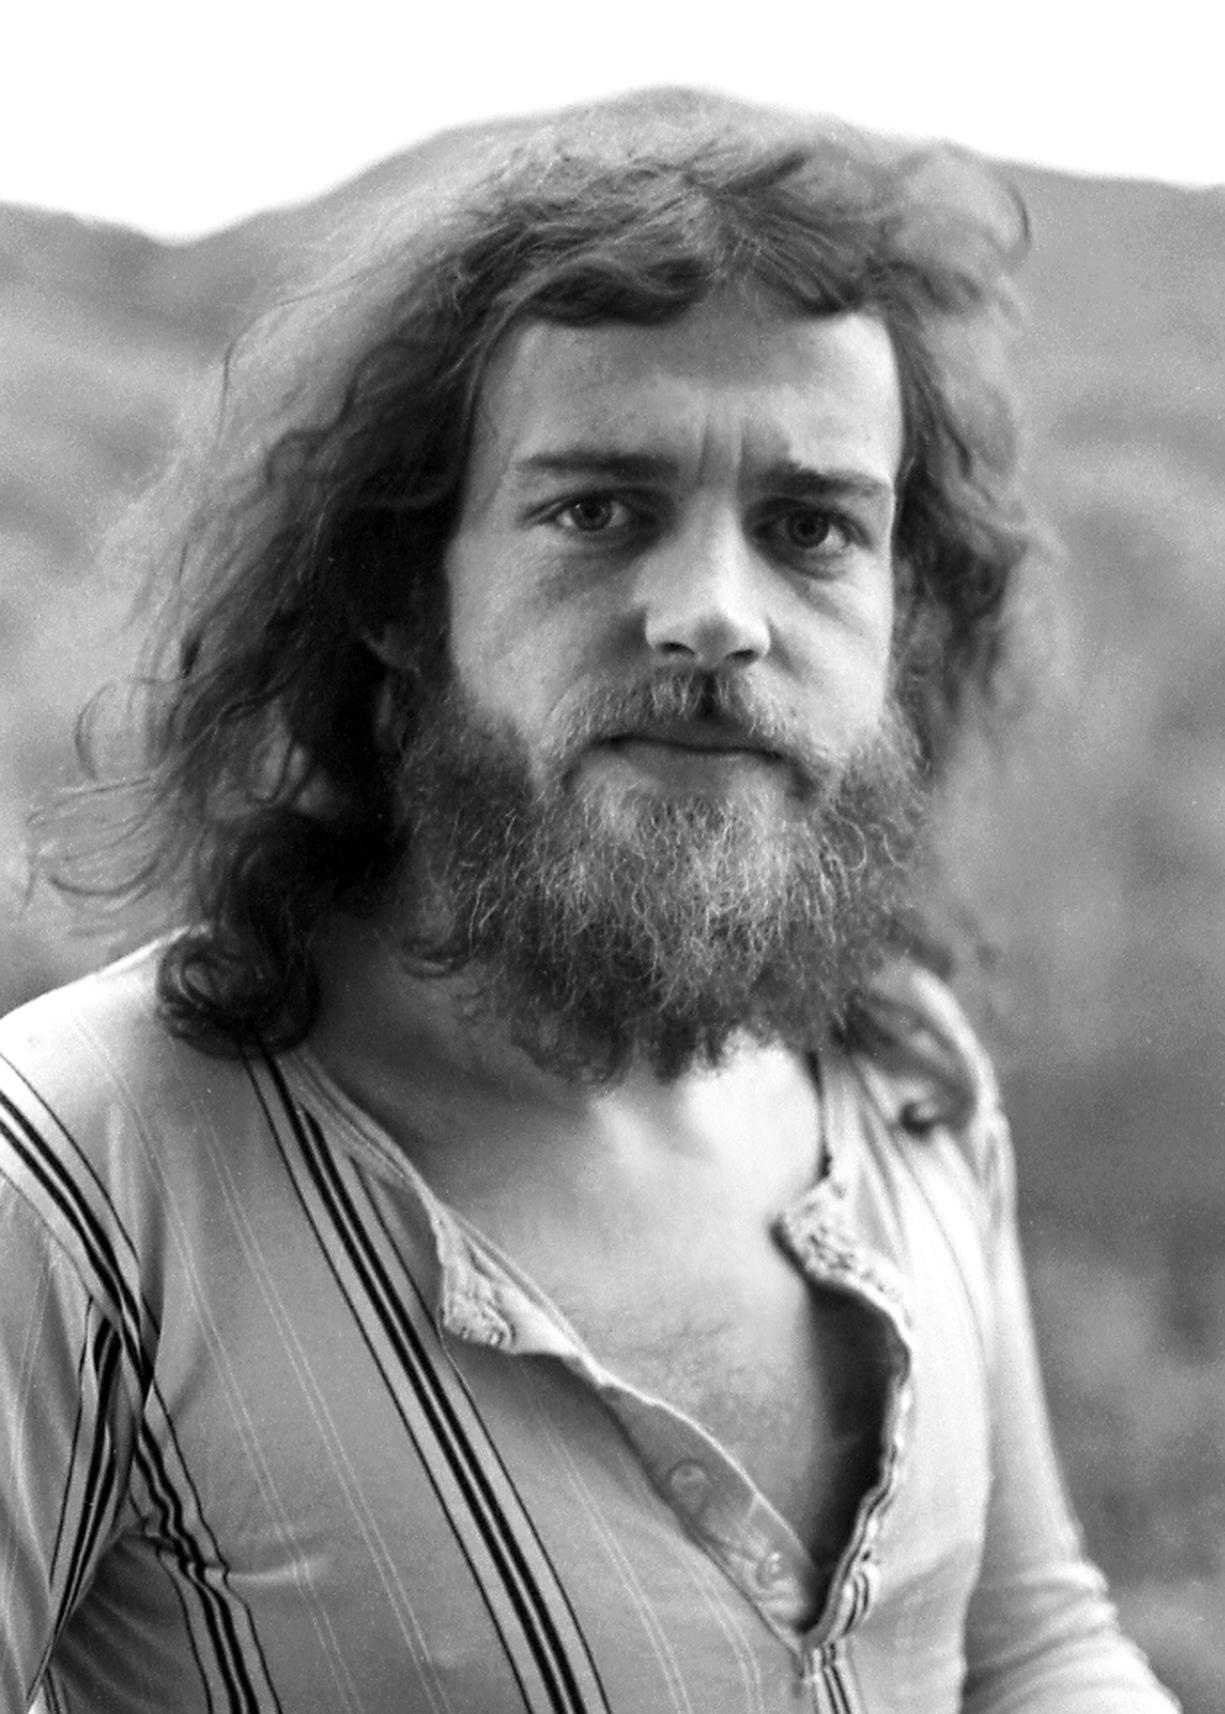 joe portrait in LA June 1970lr.jpg